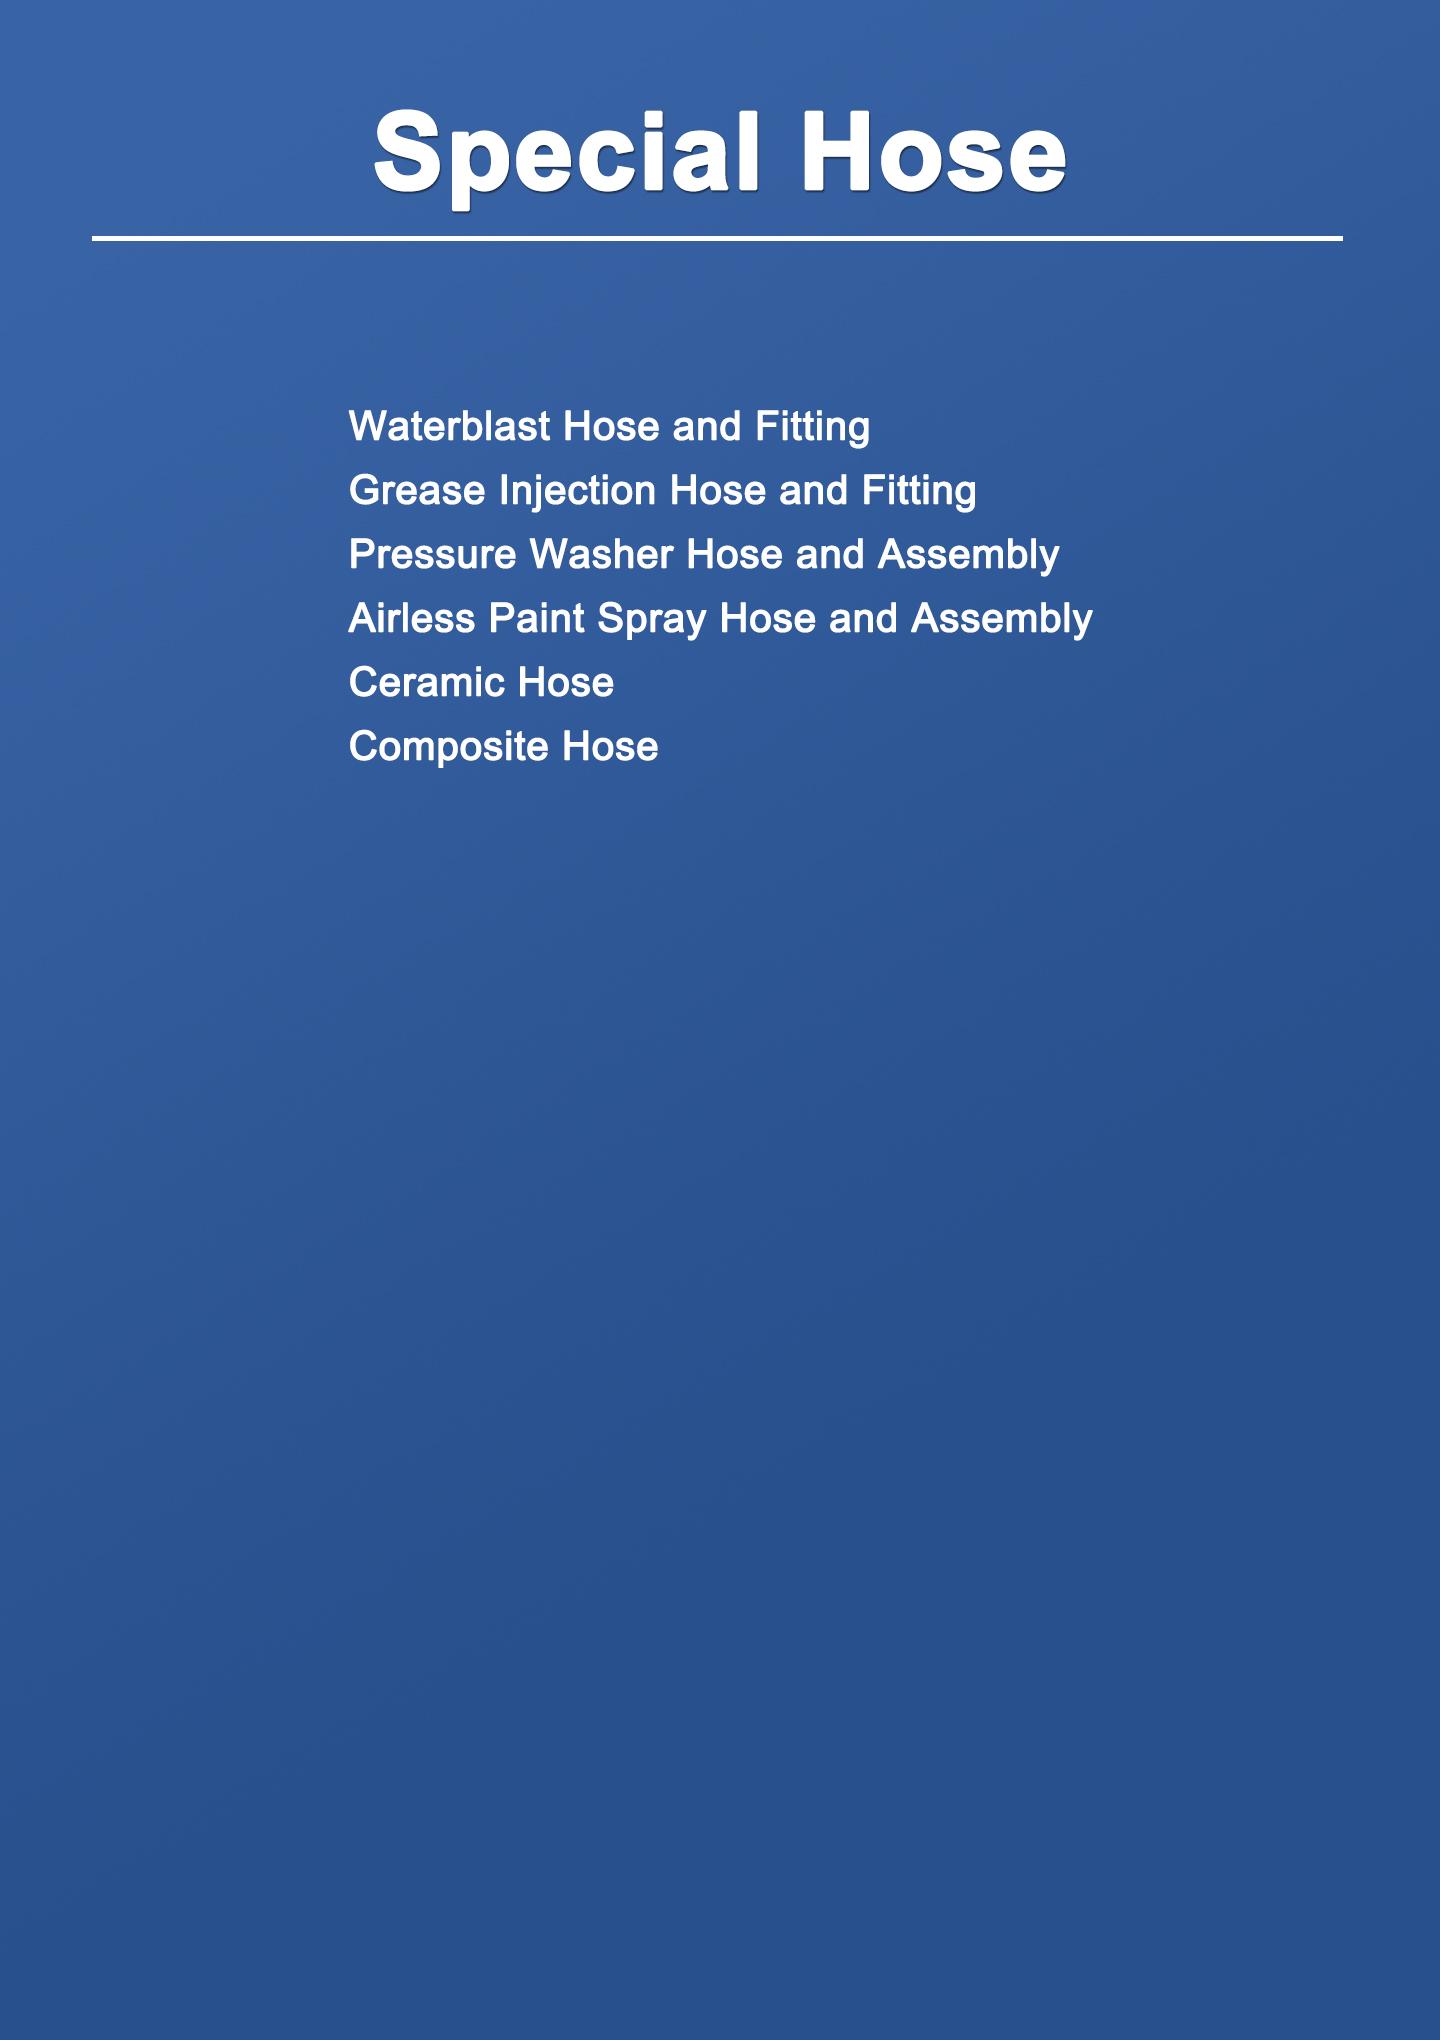 Special Hose Datasheet